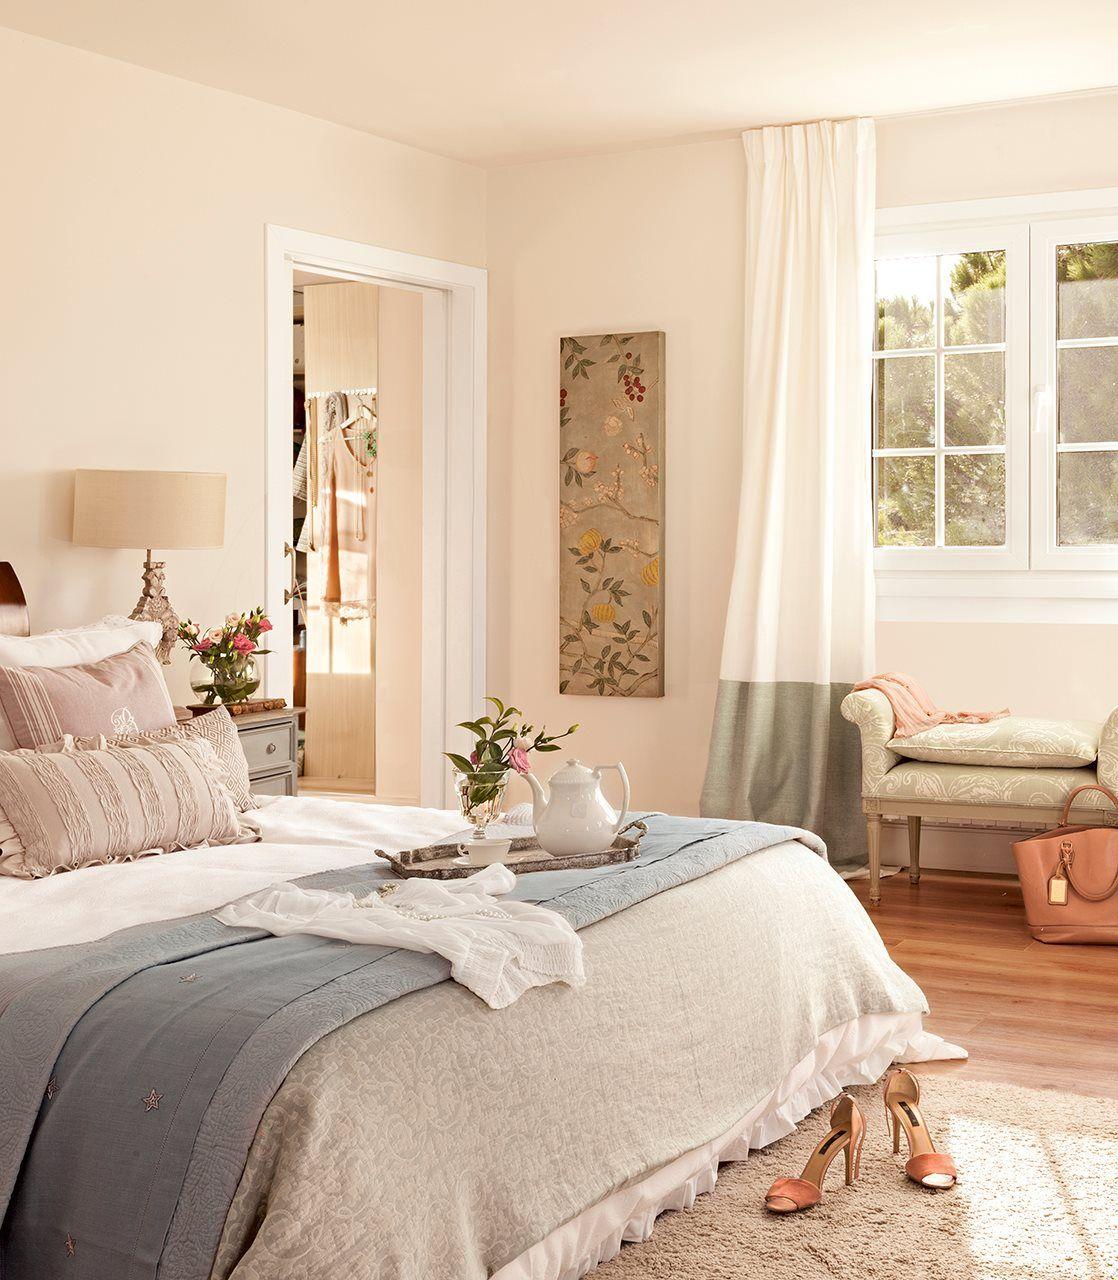 La casa de los mil trucos de estilismo - Trucos hogar decoracion ...